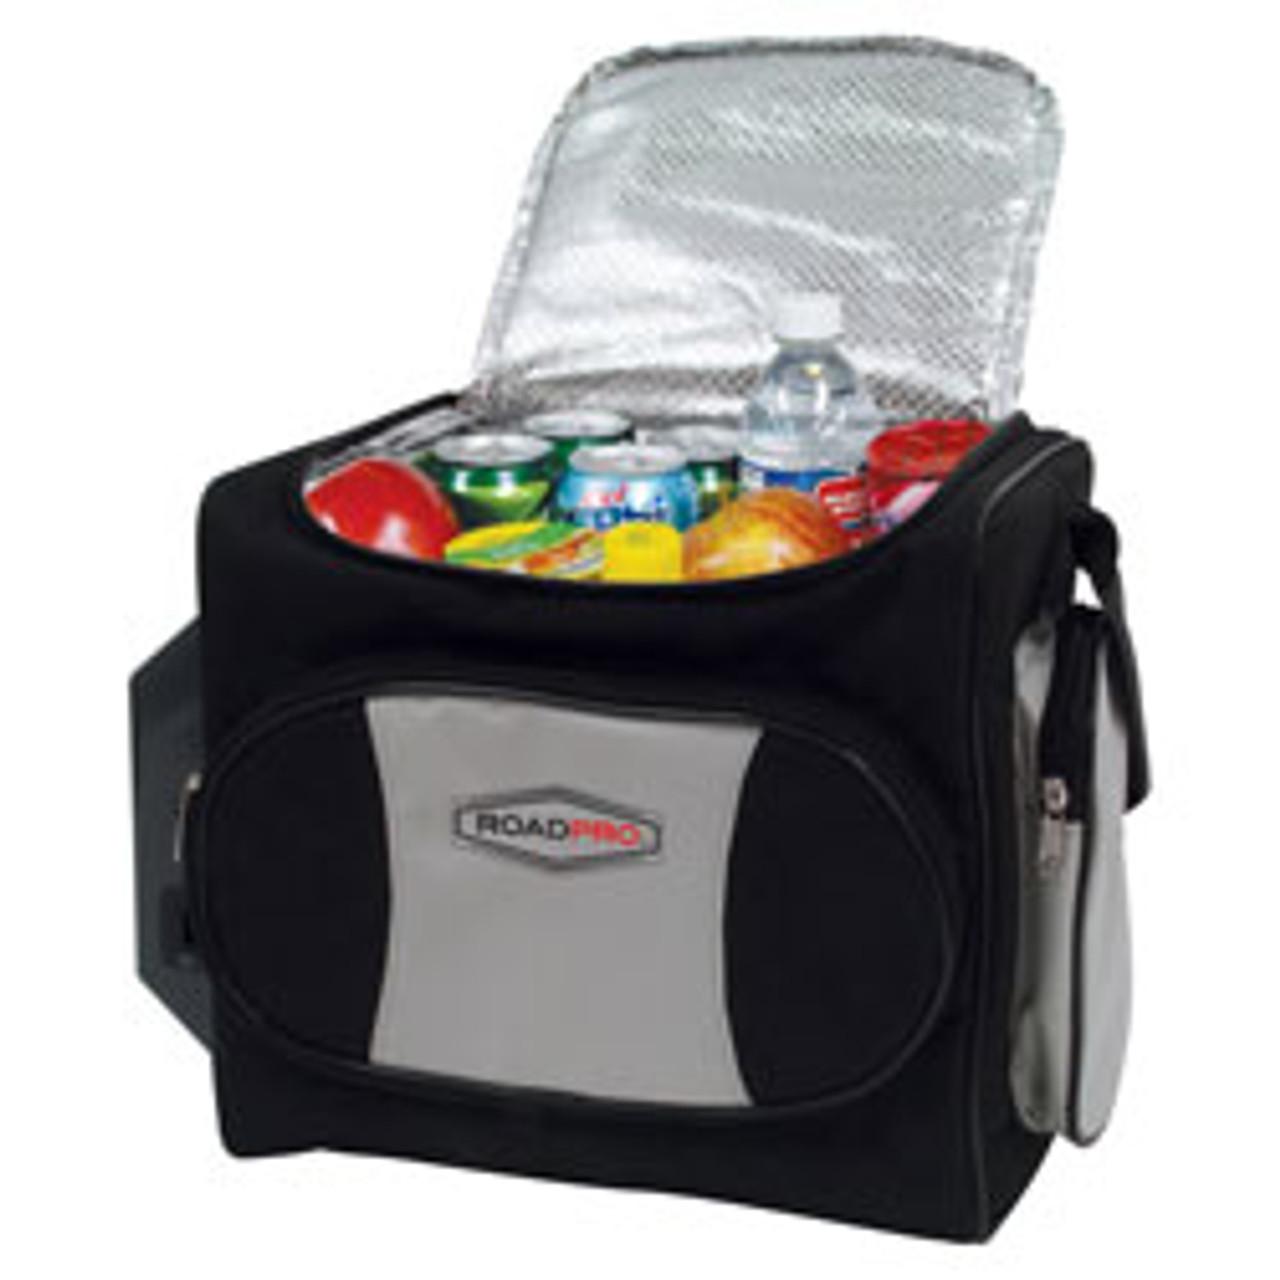 RoadPro(R) - 12-Volt Soft Sided Cooler Bag